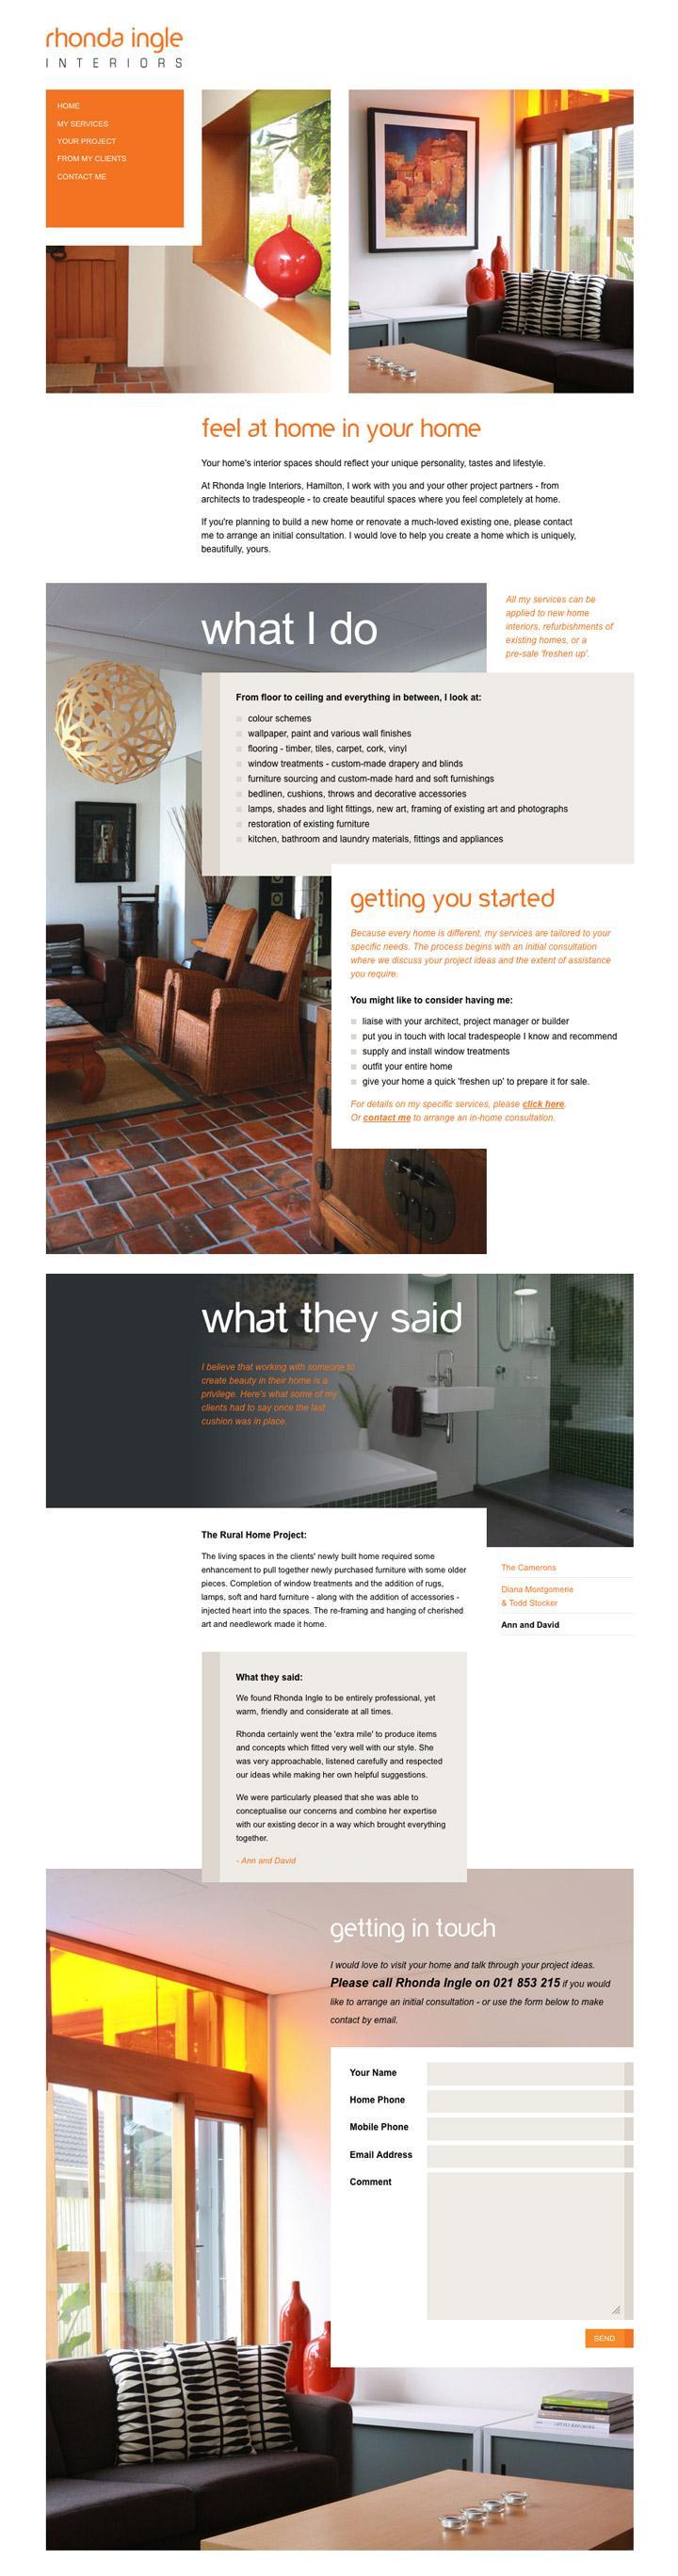 BENEK // Rhonda Ingle Interiors // Web Design